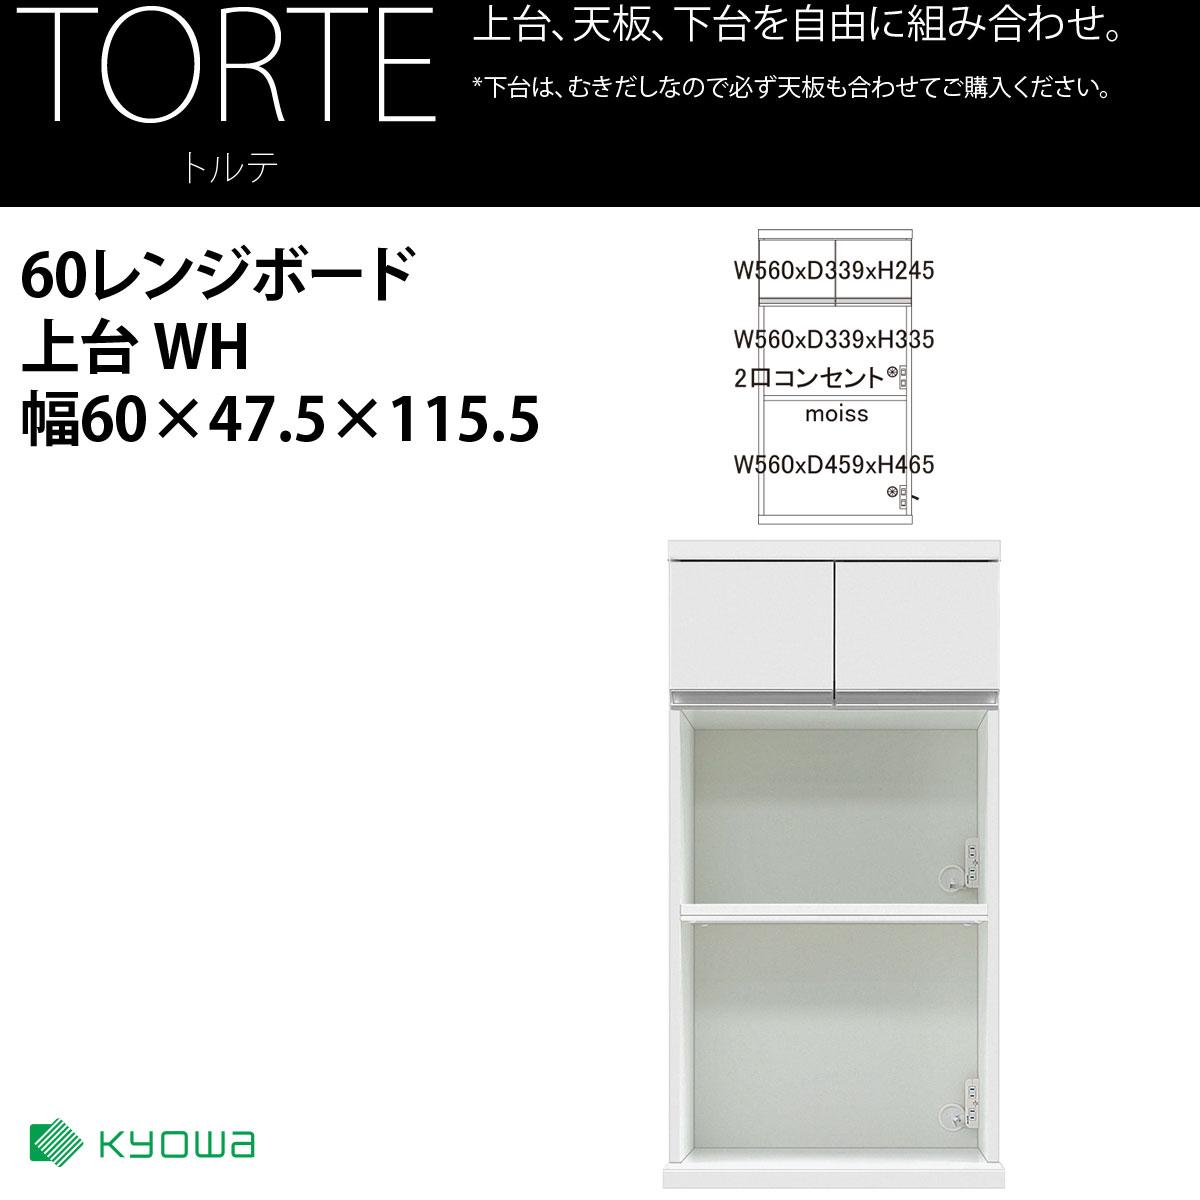 共和産業 トルテ レンジボード 上台 60 ホワイト【幅60×高さ115.5cm】 日本製 国産